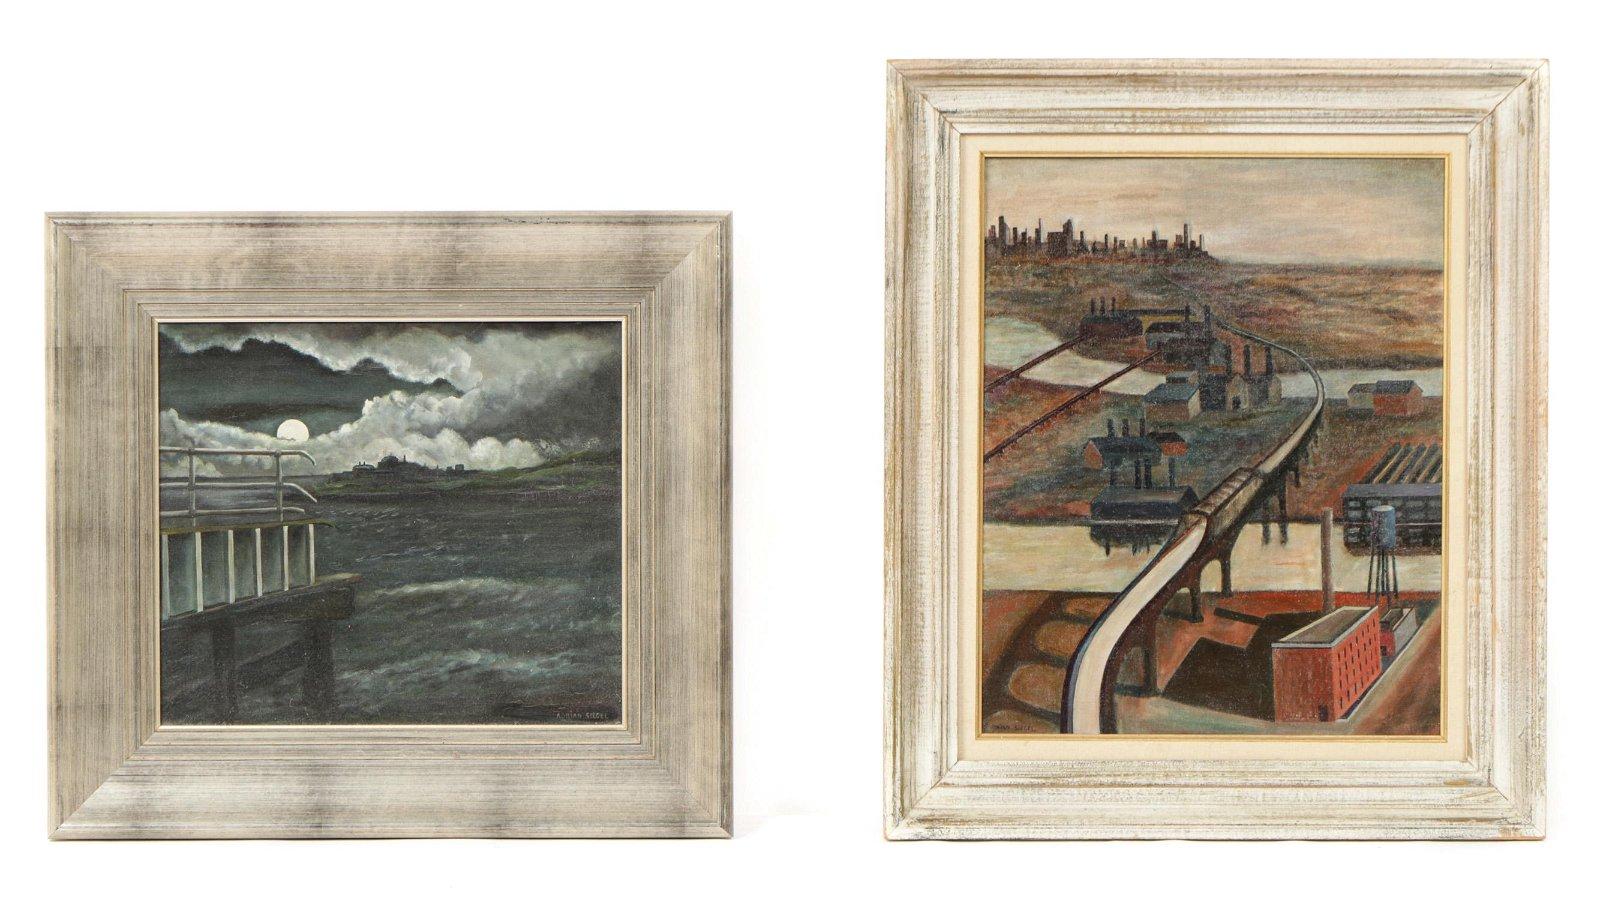 Adrian Siegel (American, 1898-1978) Two Paintings